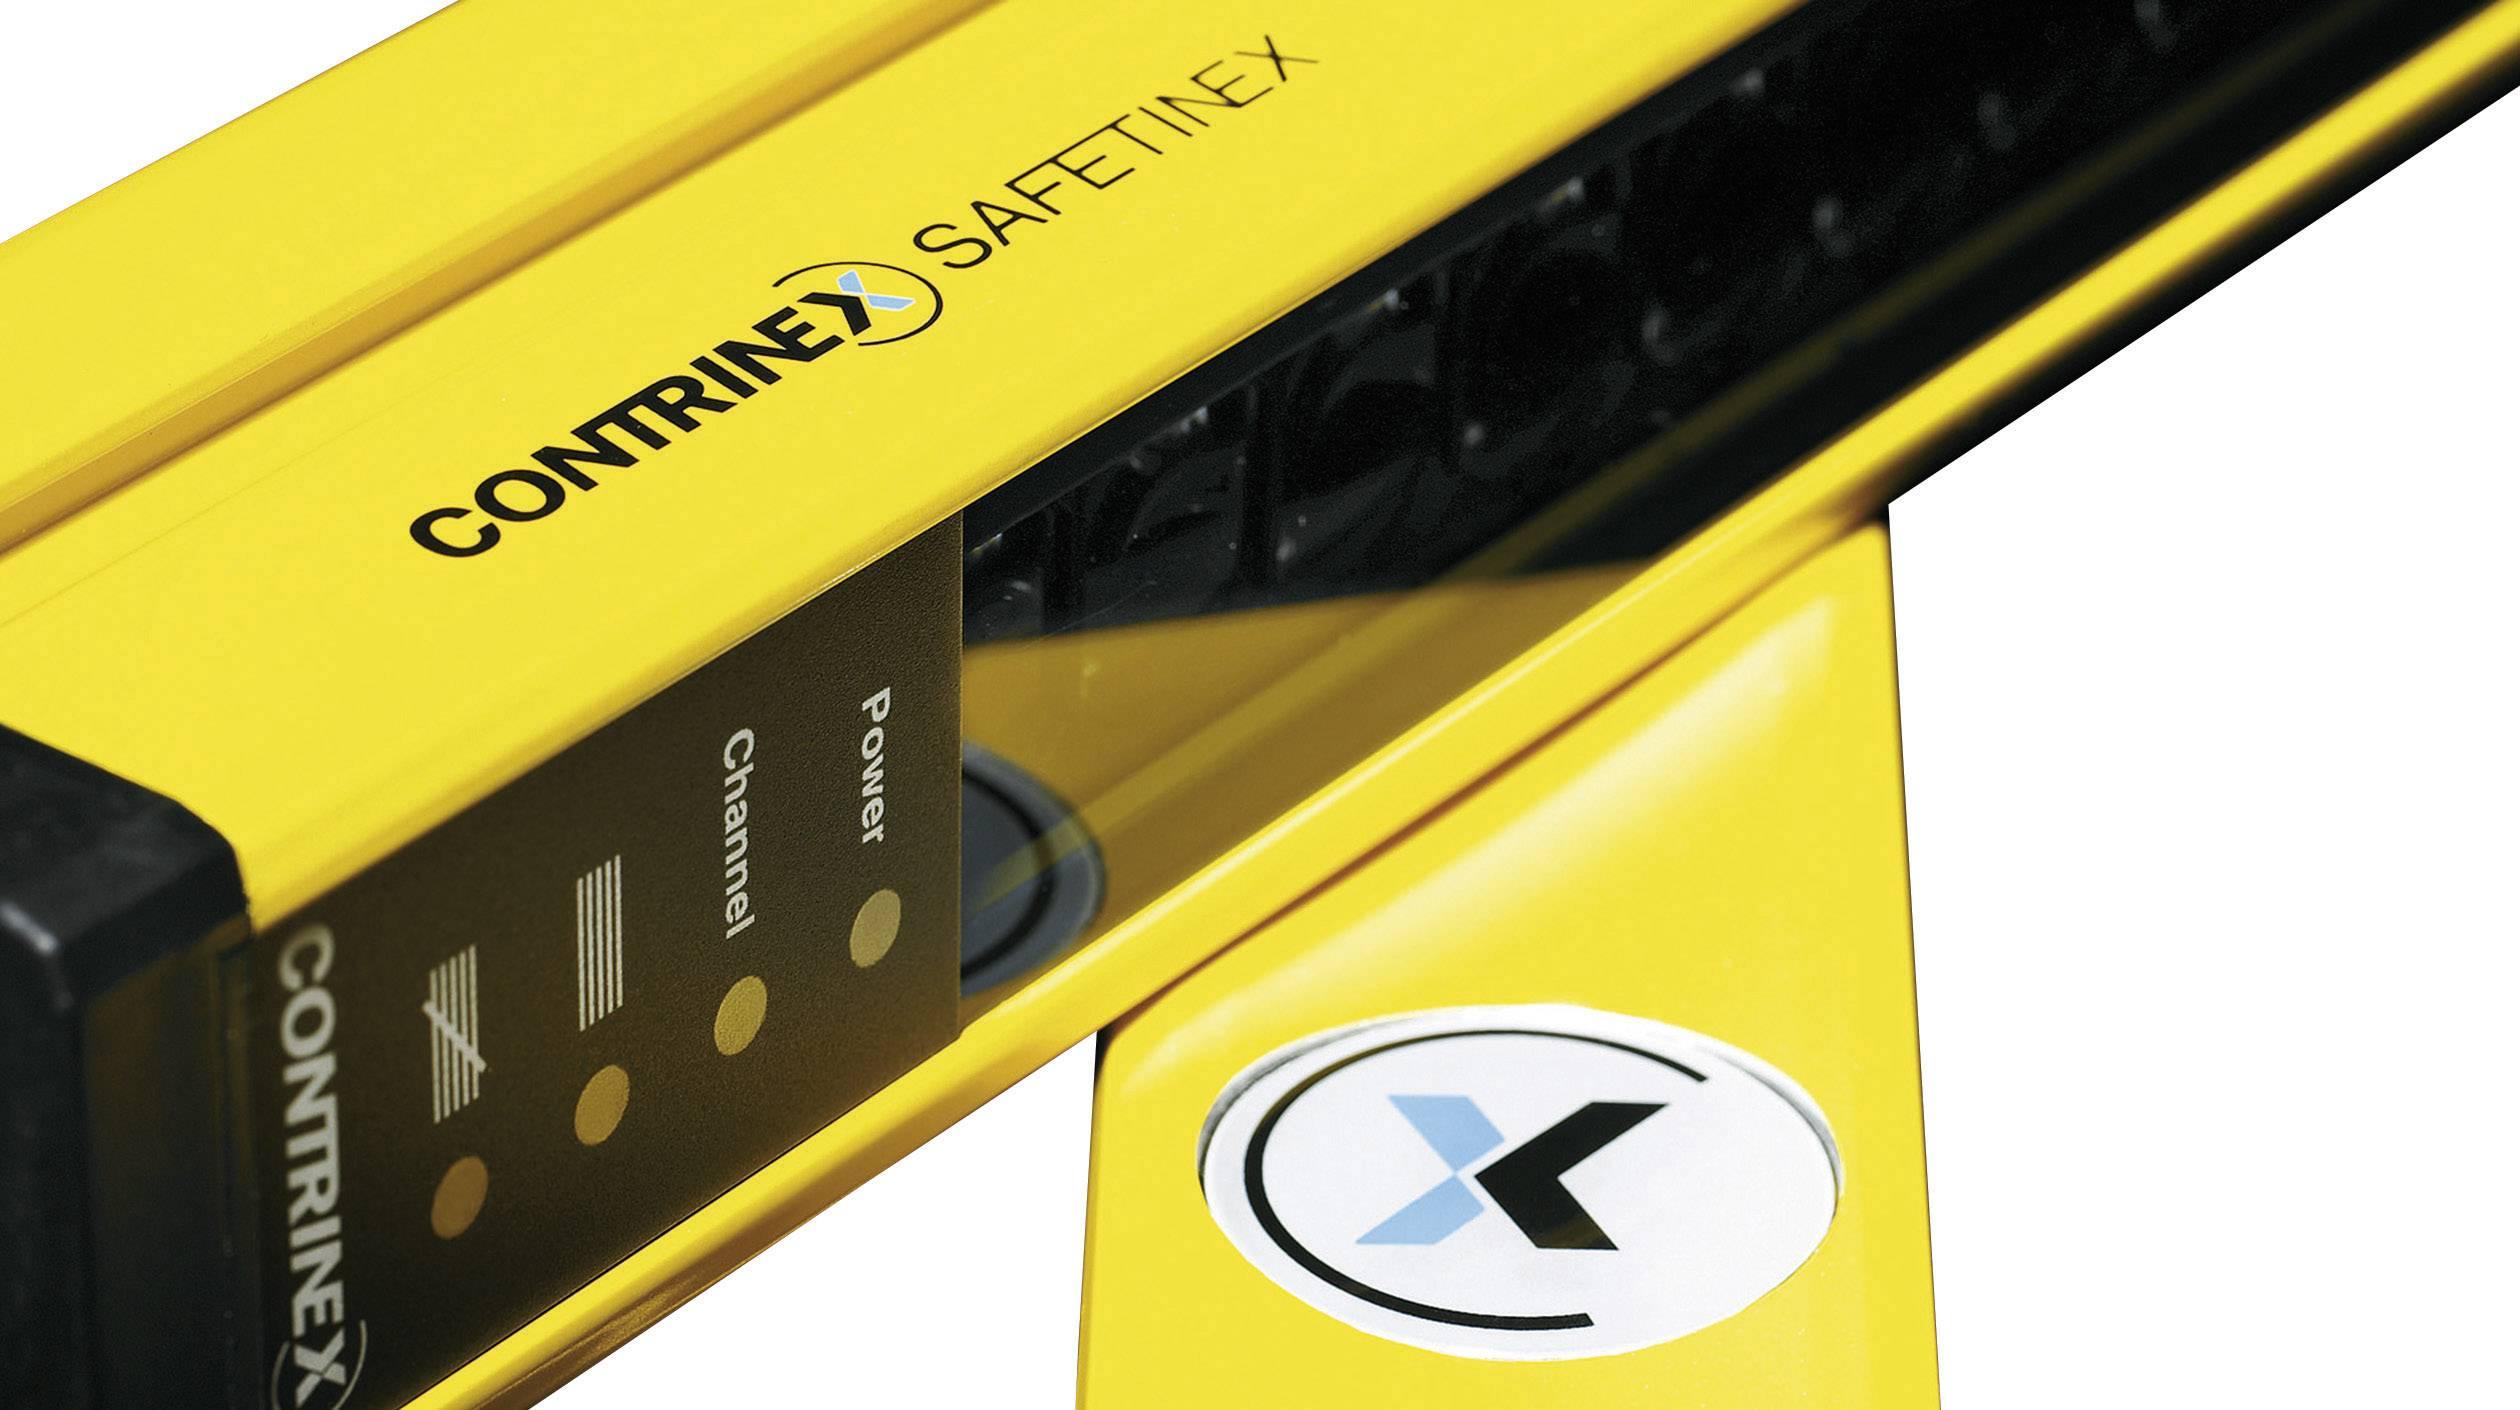 Bezpečnostní světelná závora pro ochranu rukou Contrinex YBB-30R4-1800-G012 630 000 736